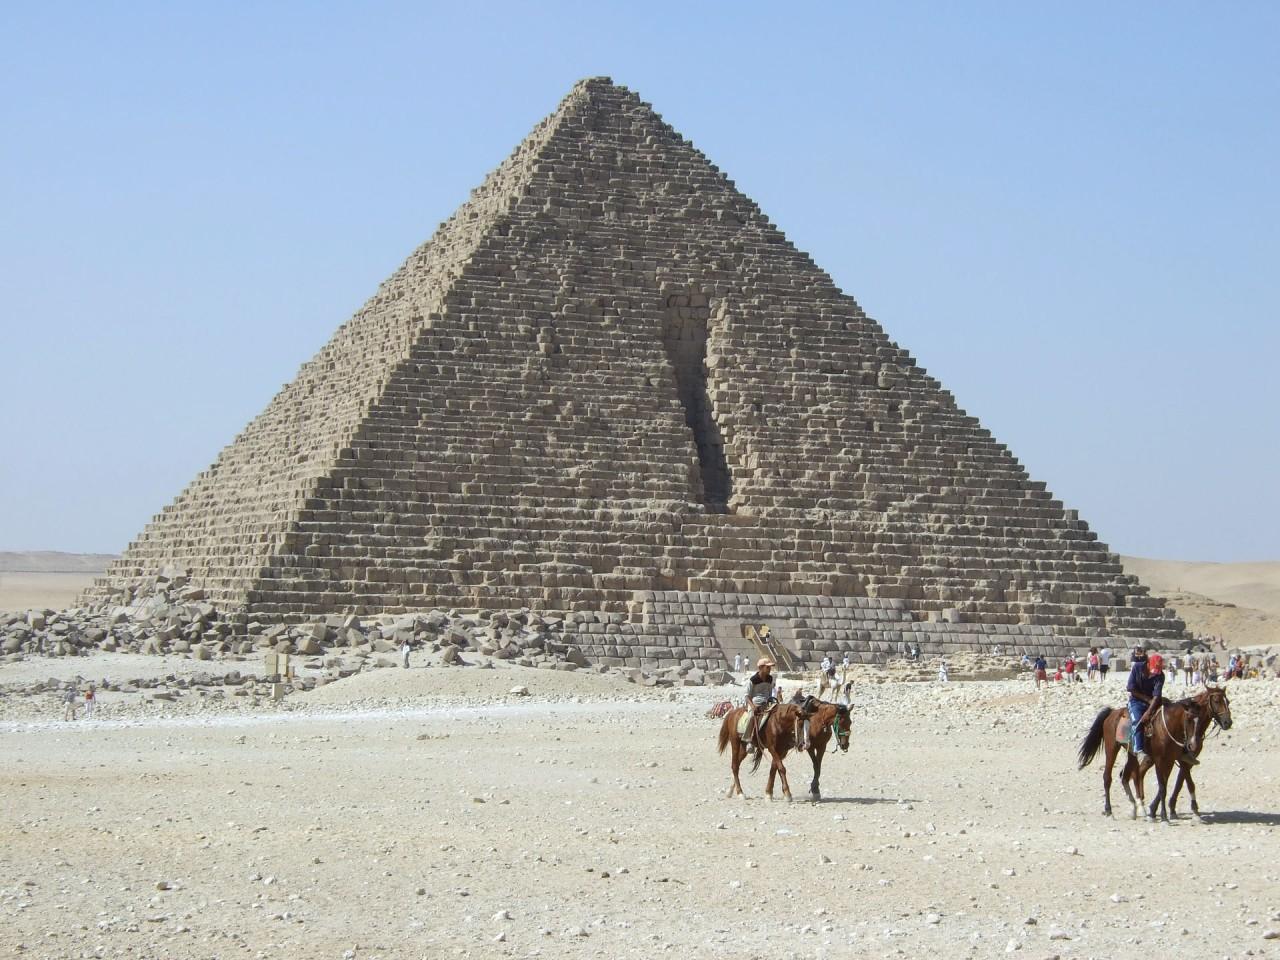 Menkaures_Pyramid_Giza_Egypt